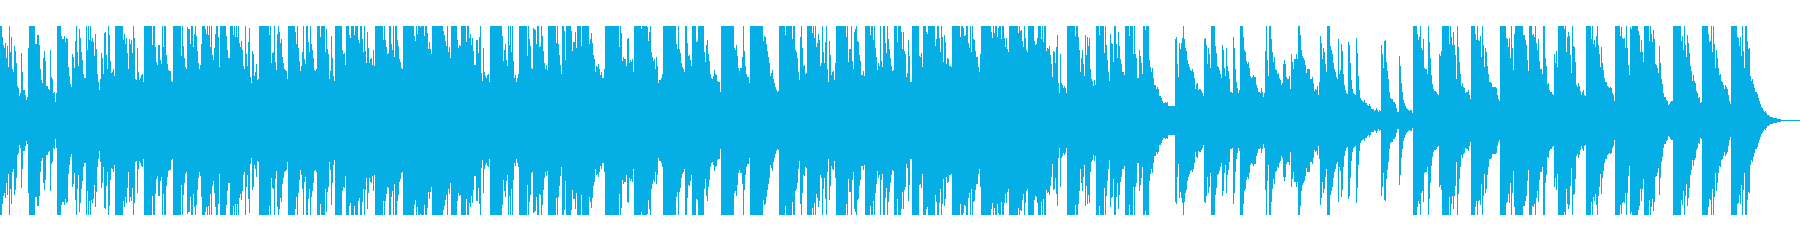 感動的なピアノ音楽の再生済みの波形